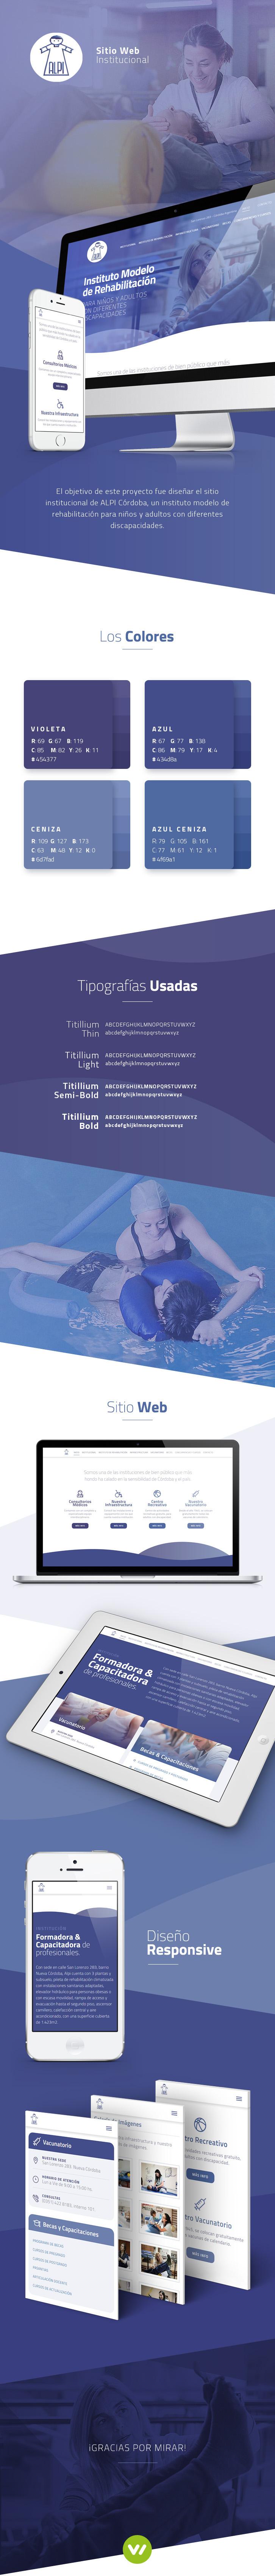 Pagina web de instituto de salud Alpi